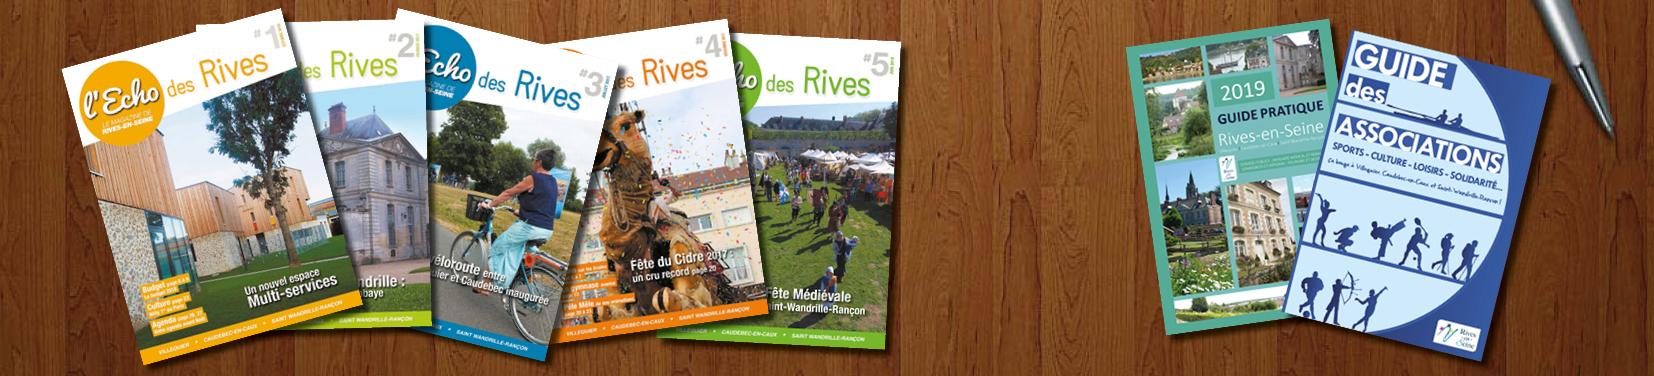 Publications  Retrouvez dans cette rubrique les différentes publications éditées par la Ville de Rives-en-Seine. L'Echo des Rives L'Echo des Rives 1